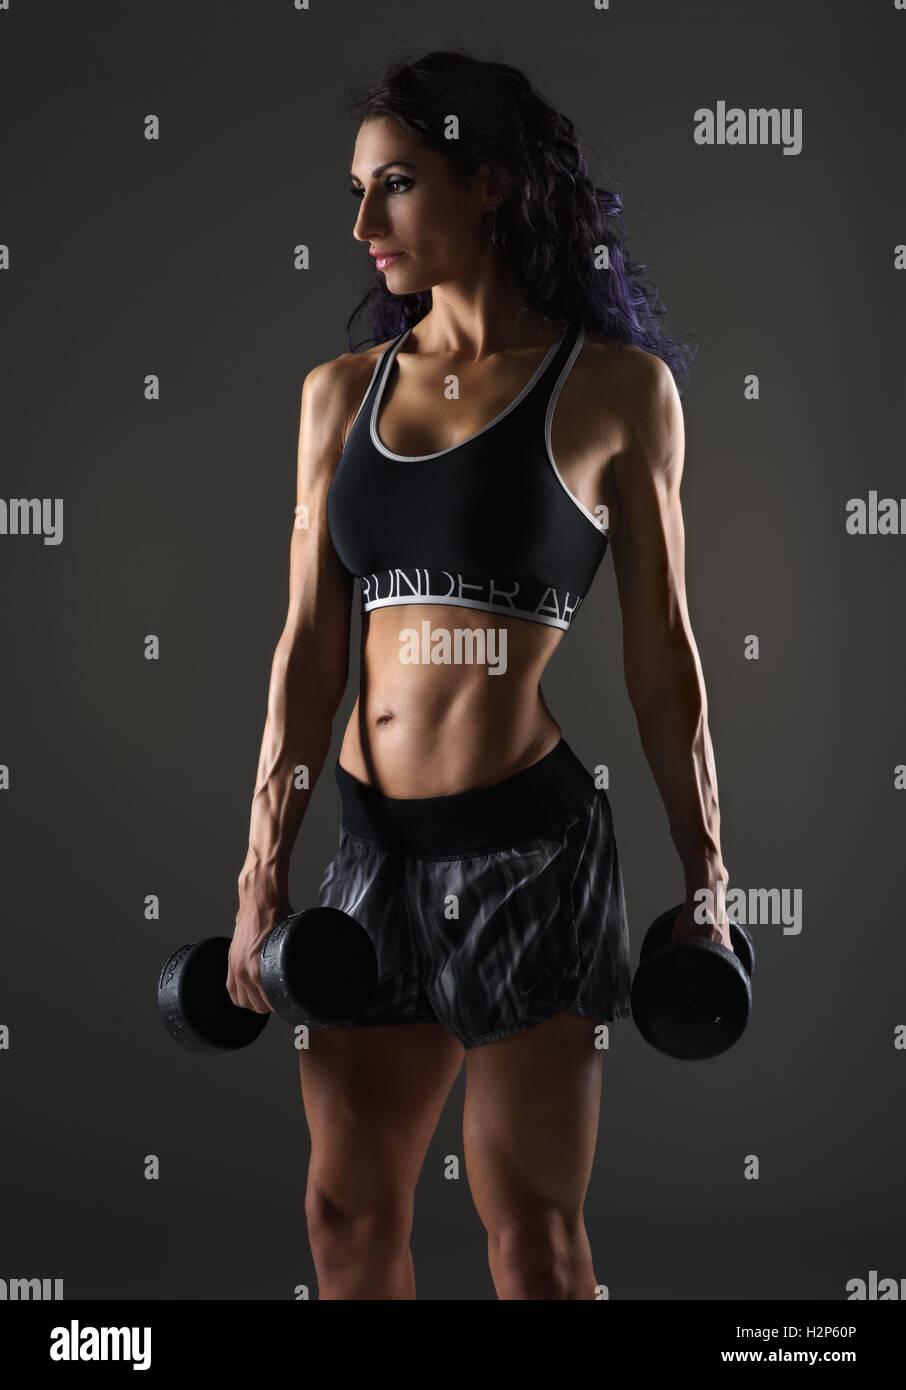 Femmina con pesi pronto per l'esercizio Immagini Stock